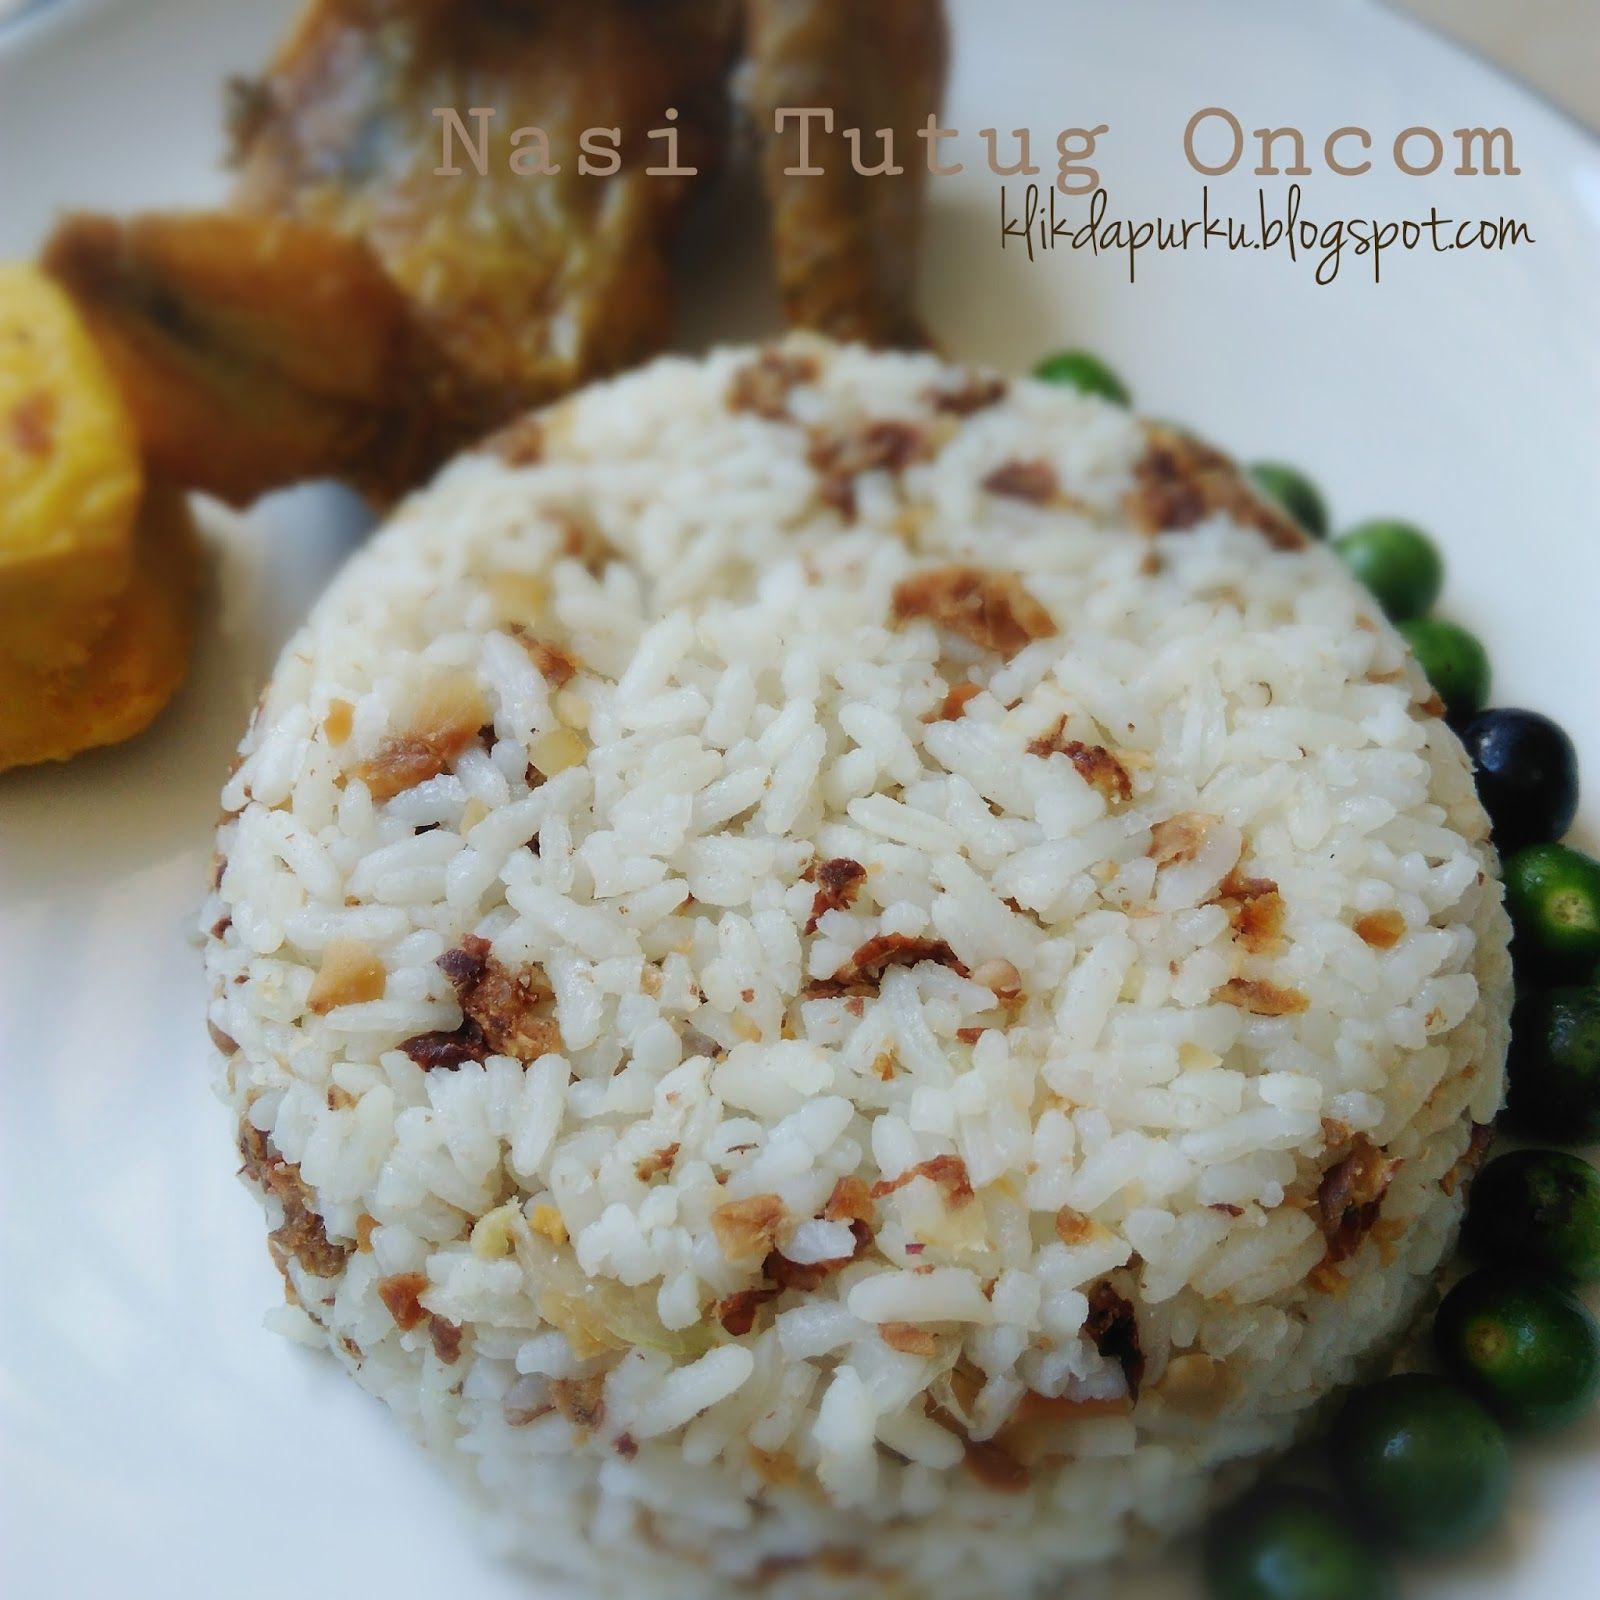 Sangu tutug oncom atau nasi dengan campuran oncom tumbuk ...